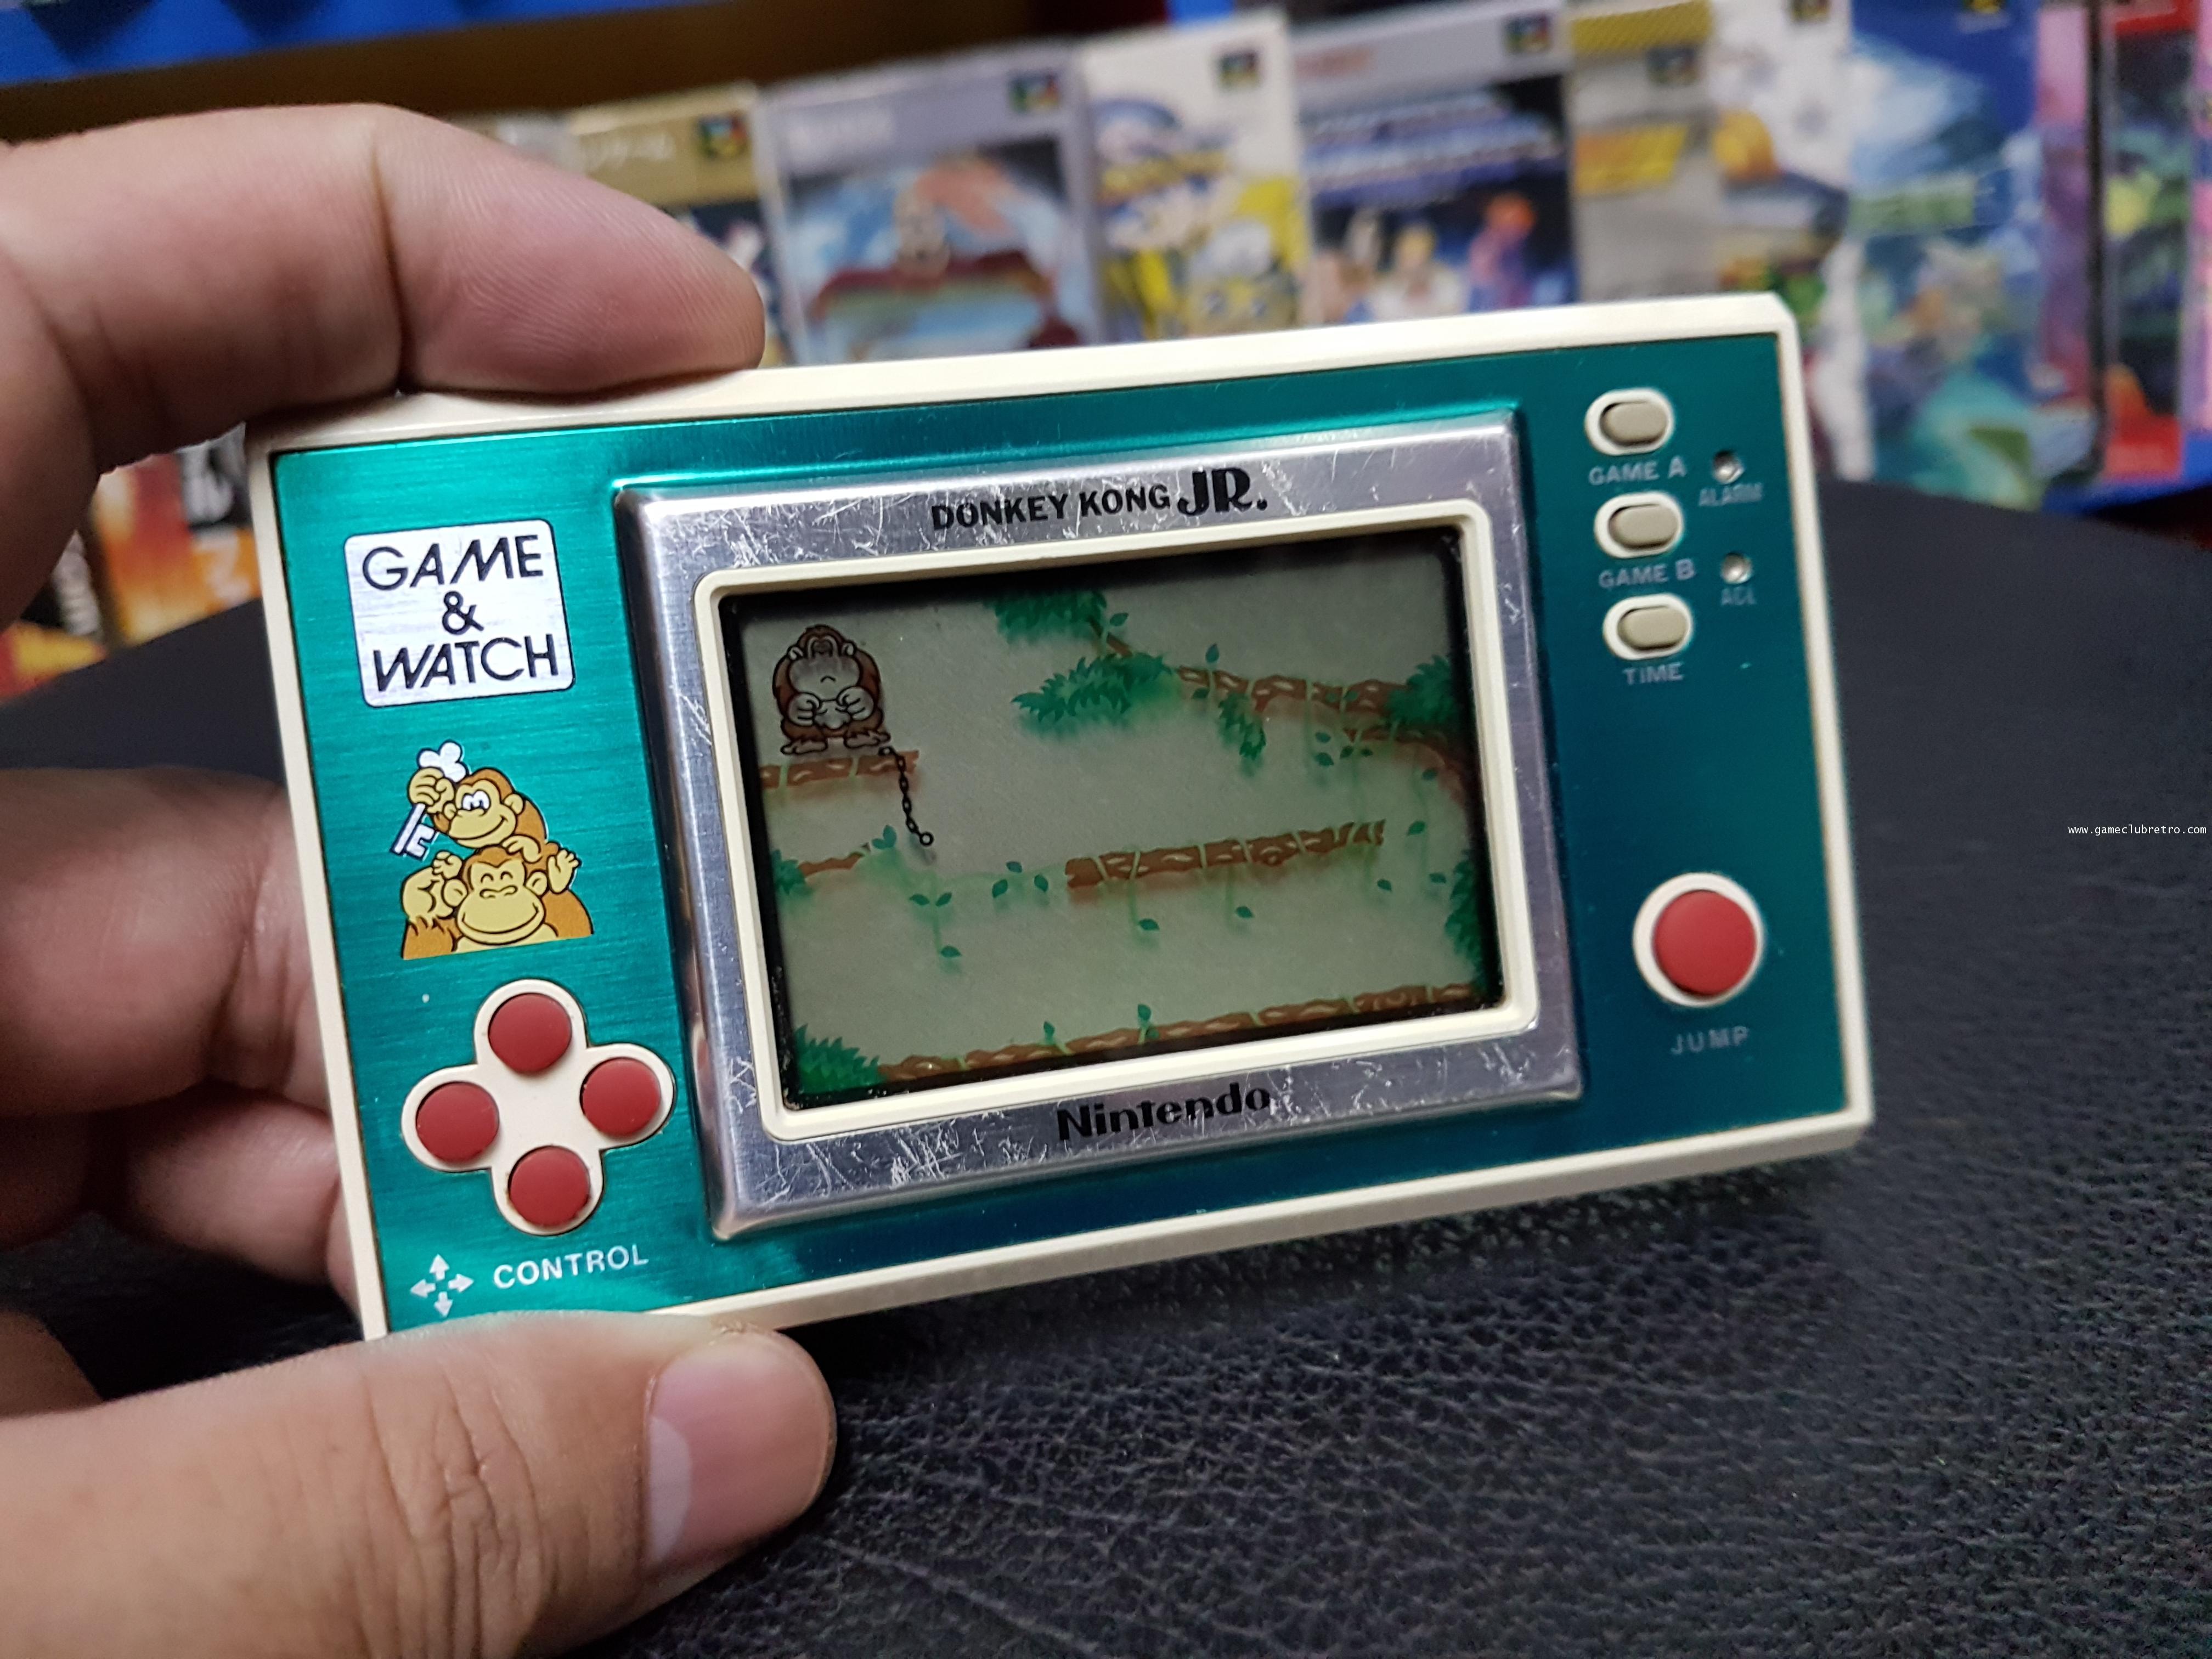 Game Watch Donkey Kong JR เกมส์กด ดองกี้ คอง เจอาร์